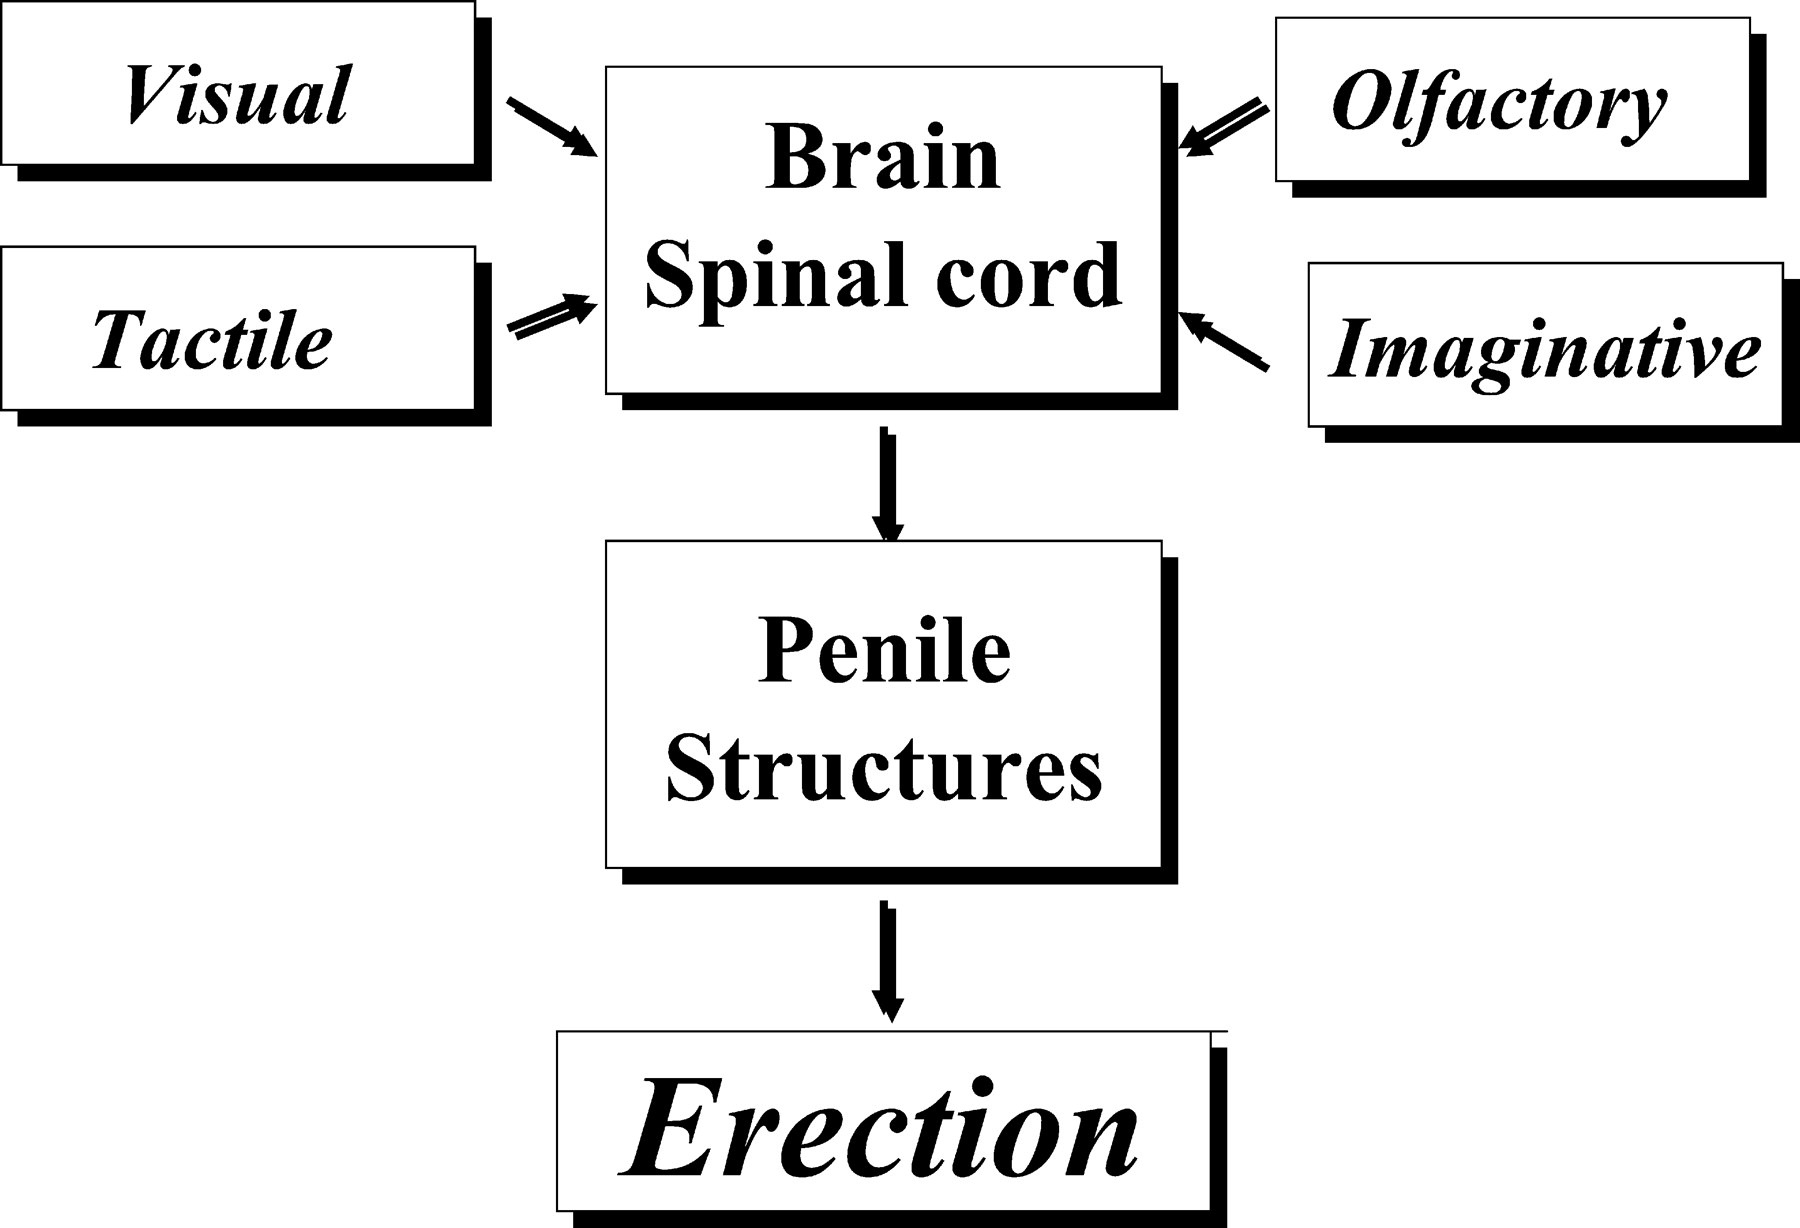 Viagra erection